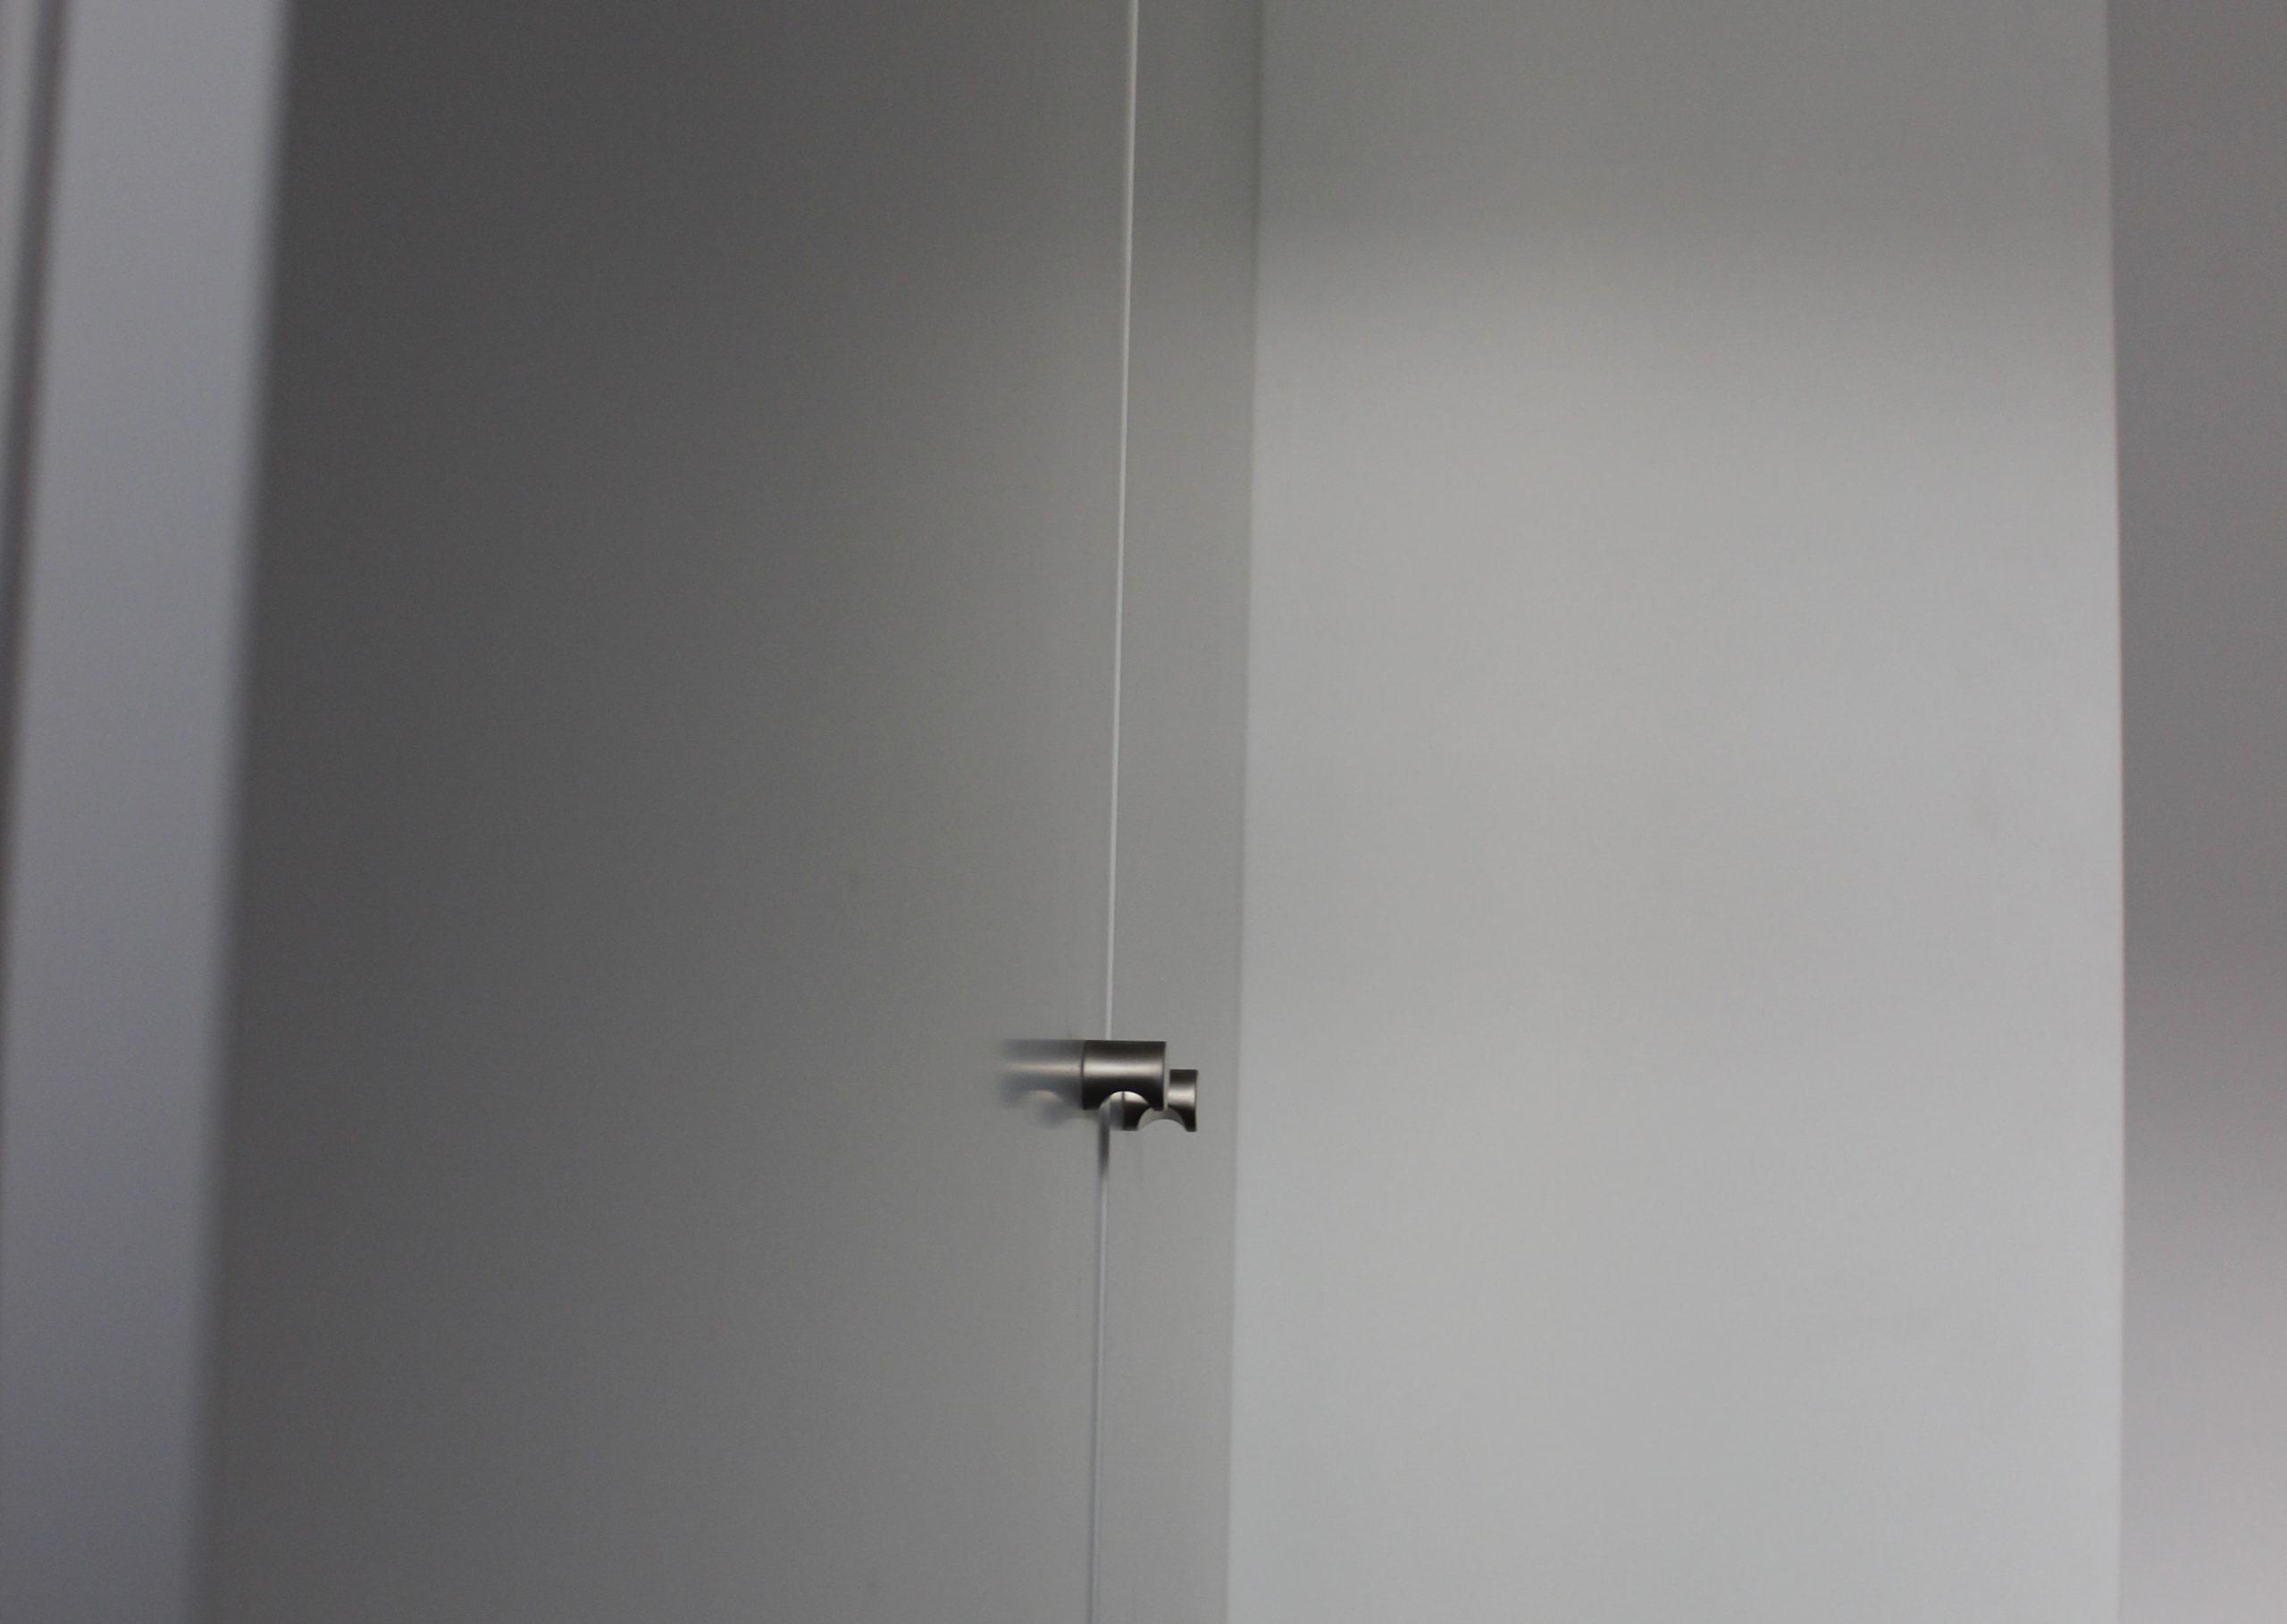 Détail des poignées en metal d'un meuble sur mésure blanc